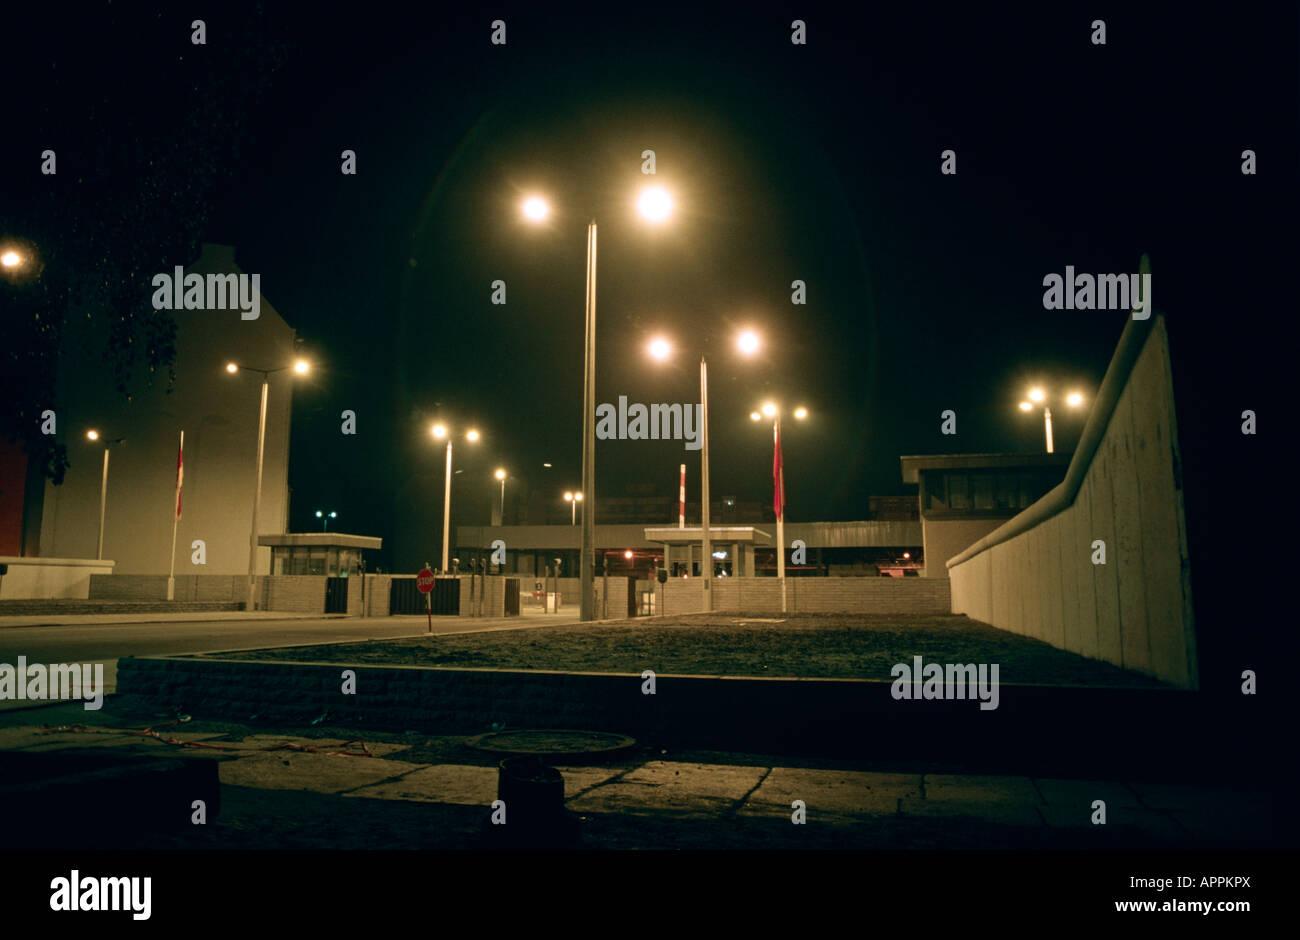 El Checkpoint Charlie en Berlín Oeste Alemania occidental 1985 Imagen De Stock